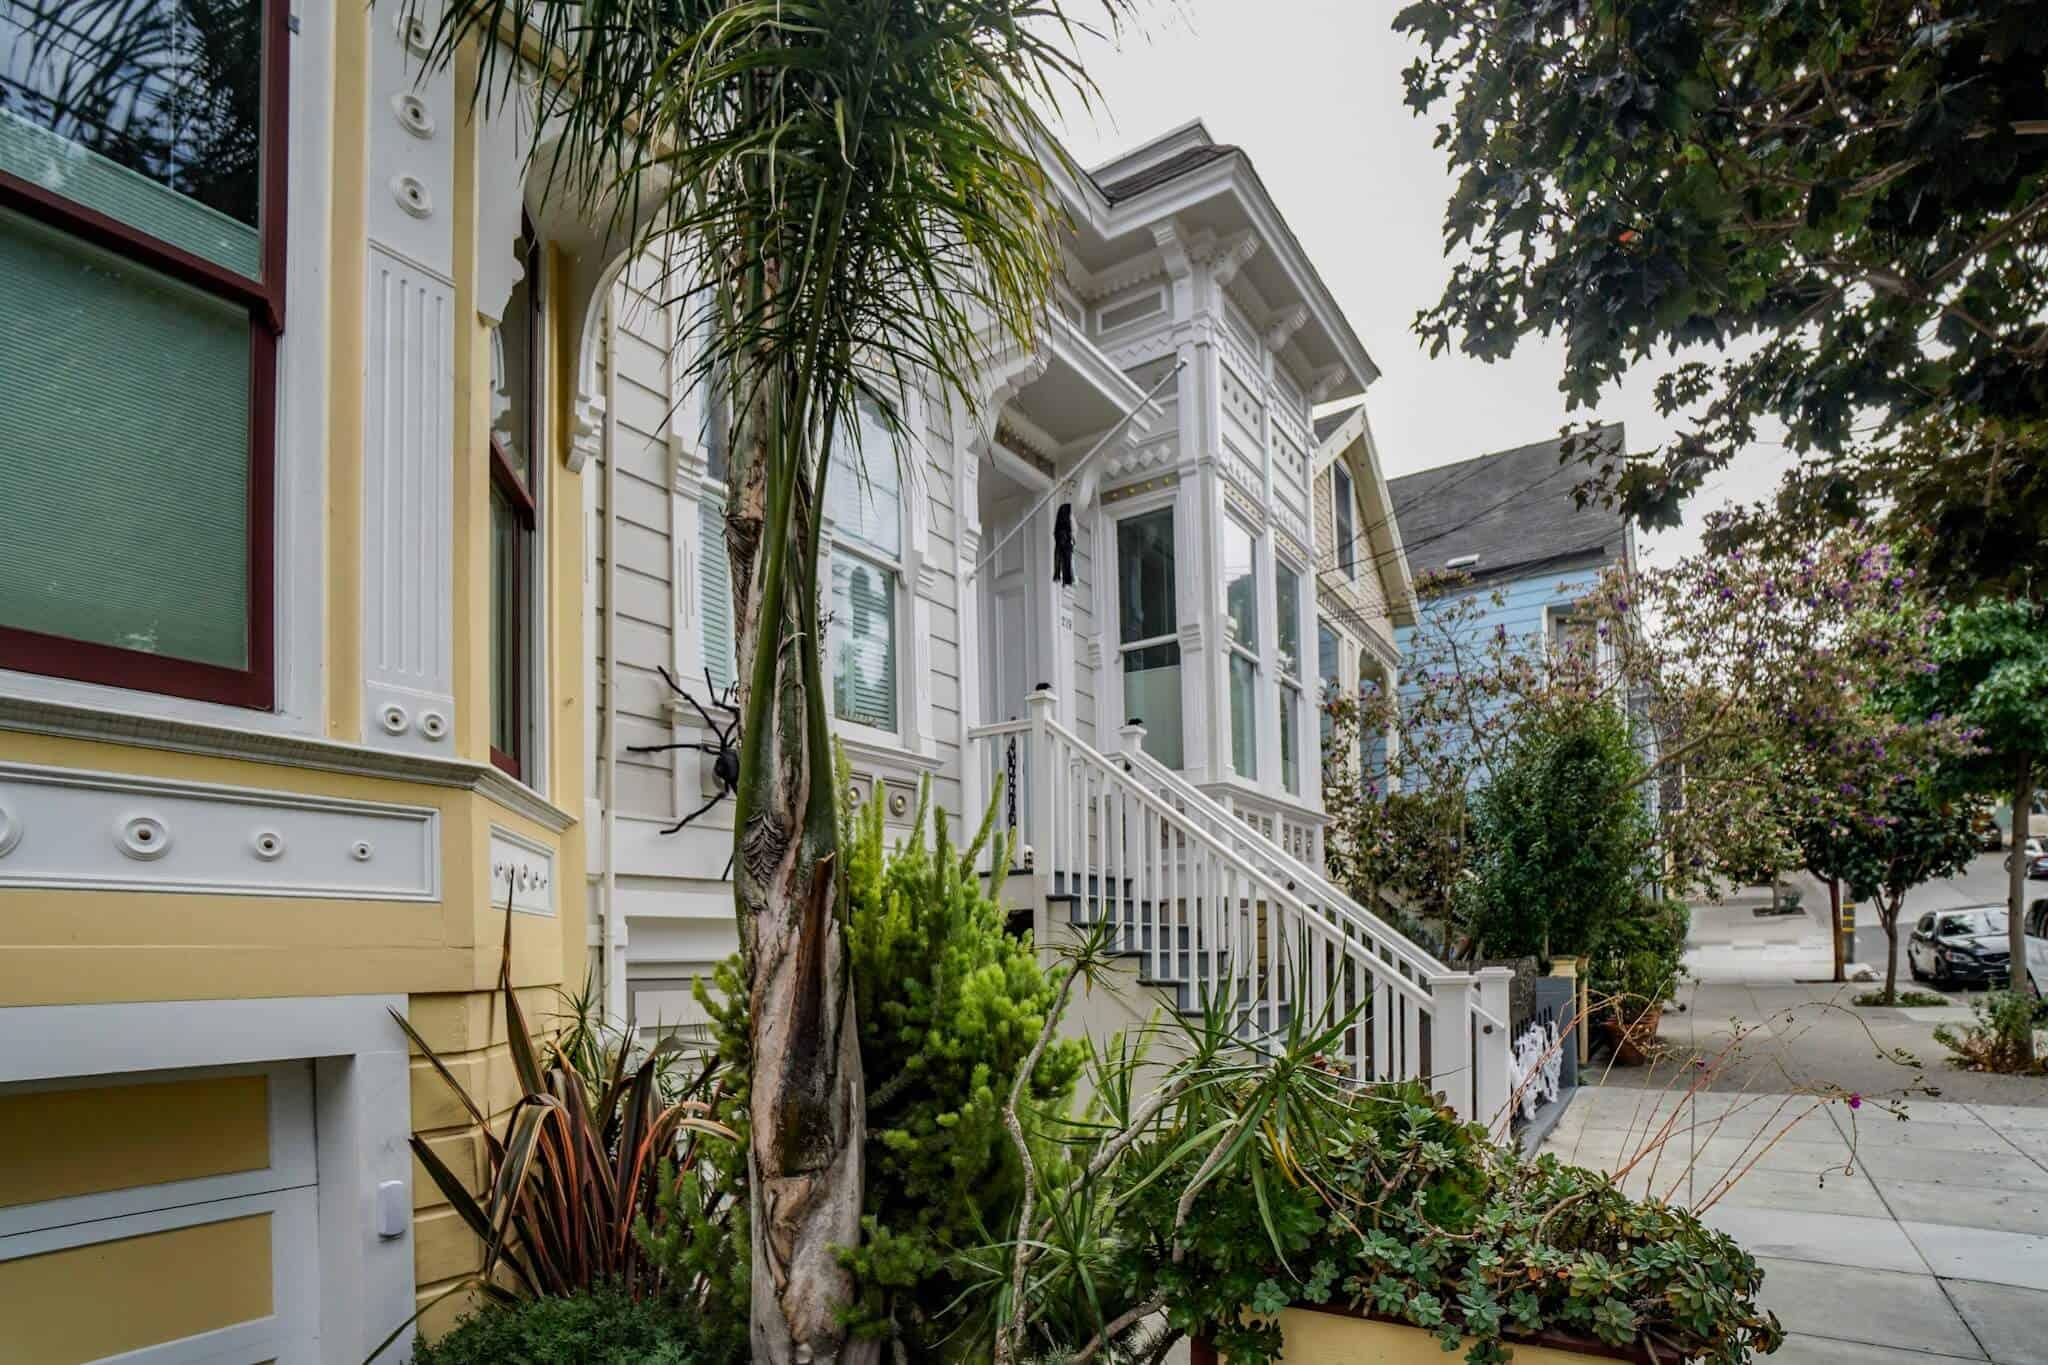 Viktorianische Häuser San Francisco